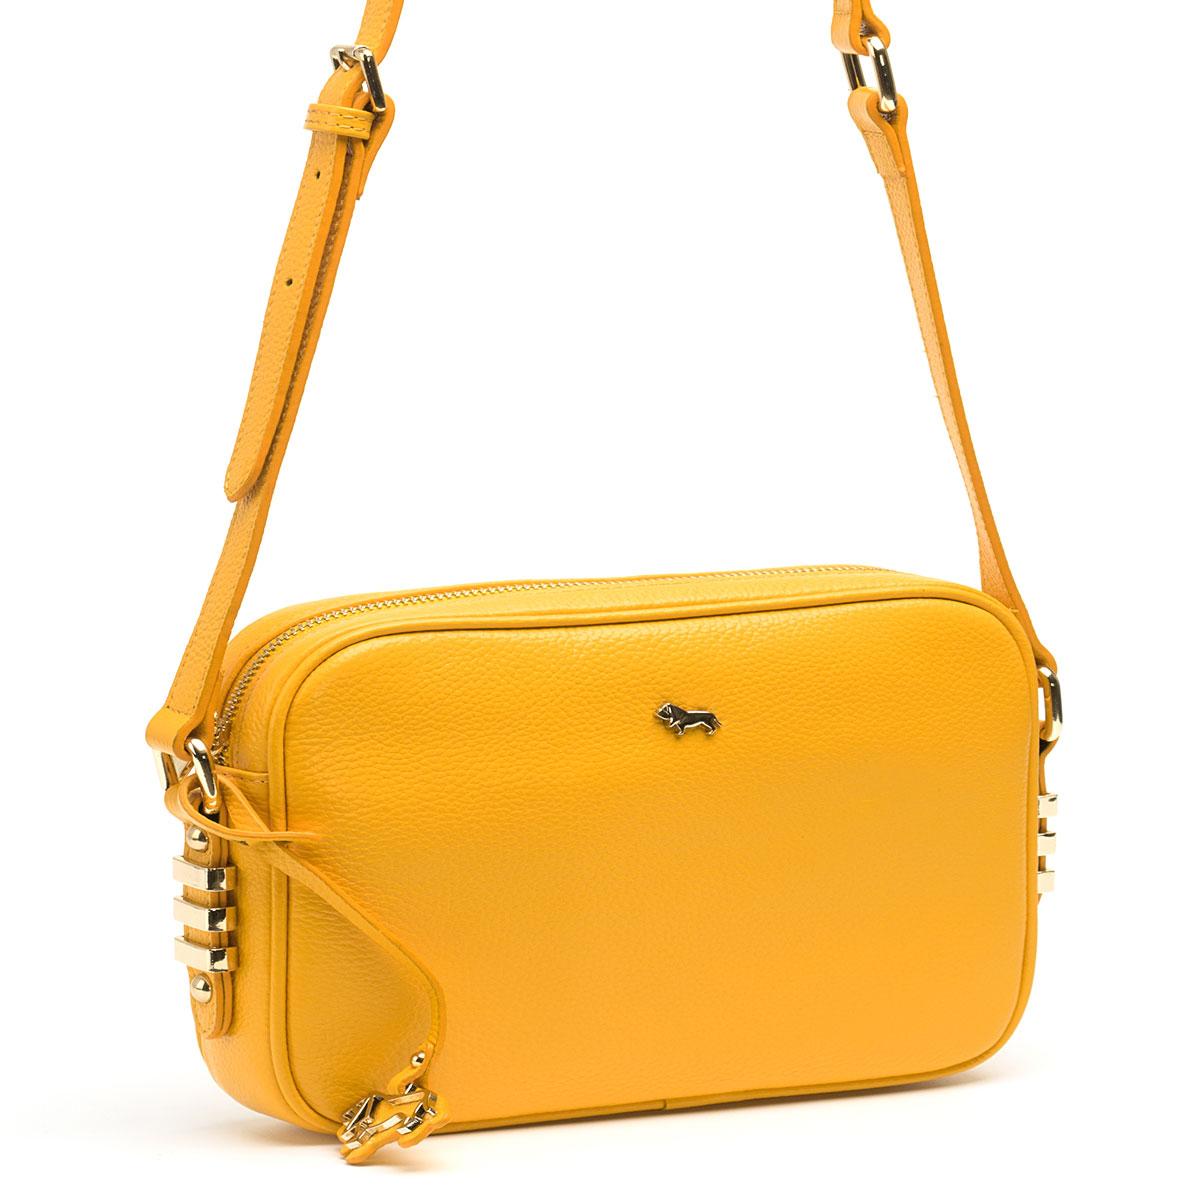 Сумка кросс-боди женская Labbra, цвет: желтый. L-8329L-8329Женская сумка торговой марки LABBRA из натуральной кожи. Сумка закрывается на металлическую молнию. Внутри - одно отделение, в котором есть карман на молнии, карман для мобильного телефона и открытый карман. Сумка имеет карман на задней стенке. Данная модель кросс-боди, длина наплечного ремня - 115 см.